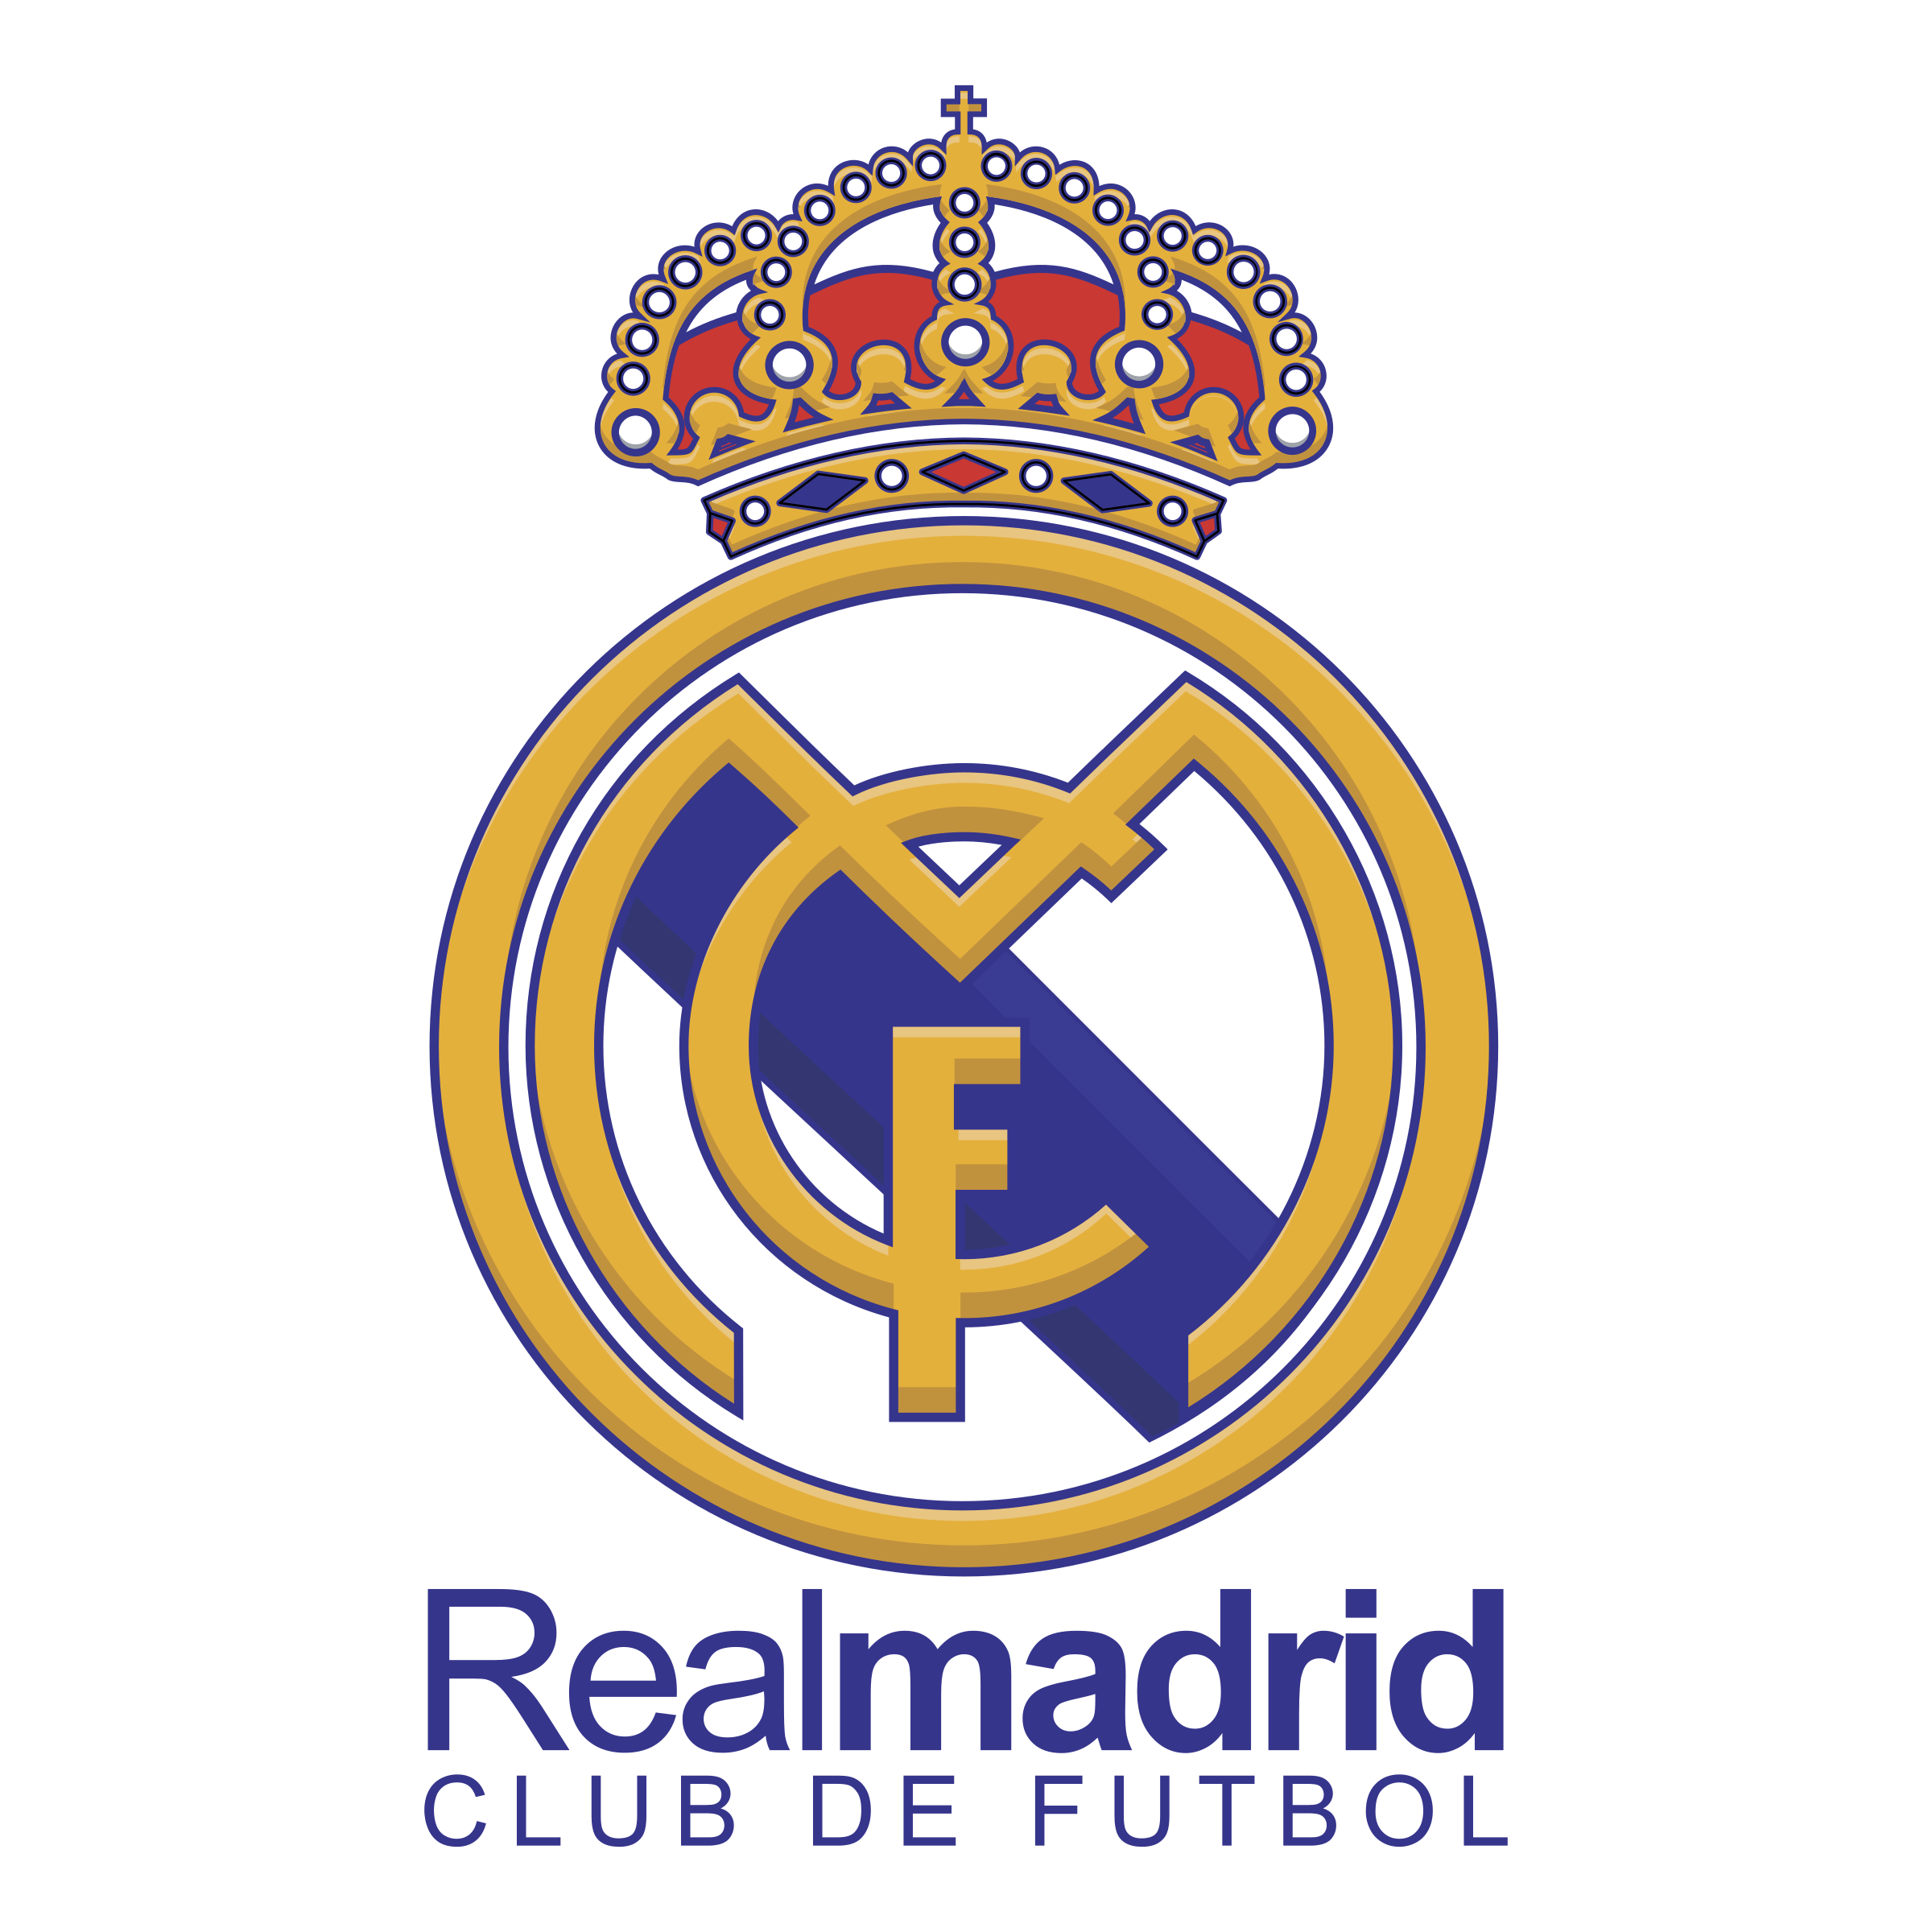 Real Madrid Club De Futbol Png Logo.